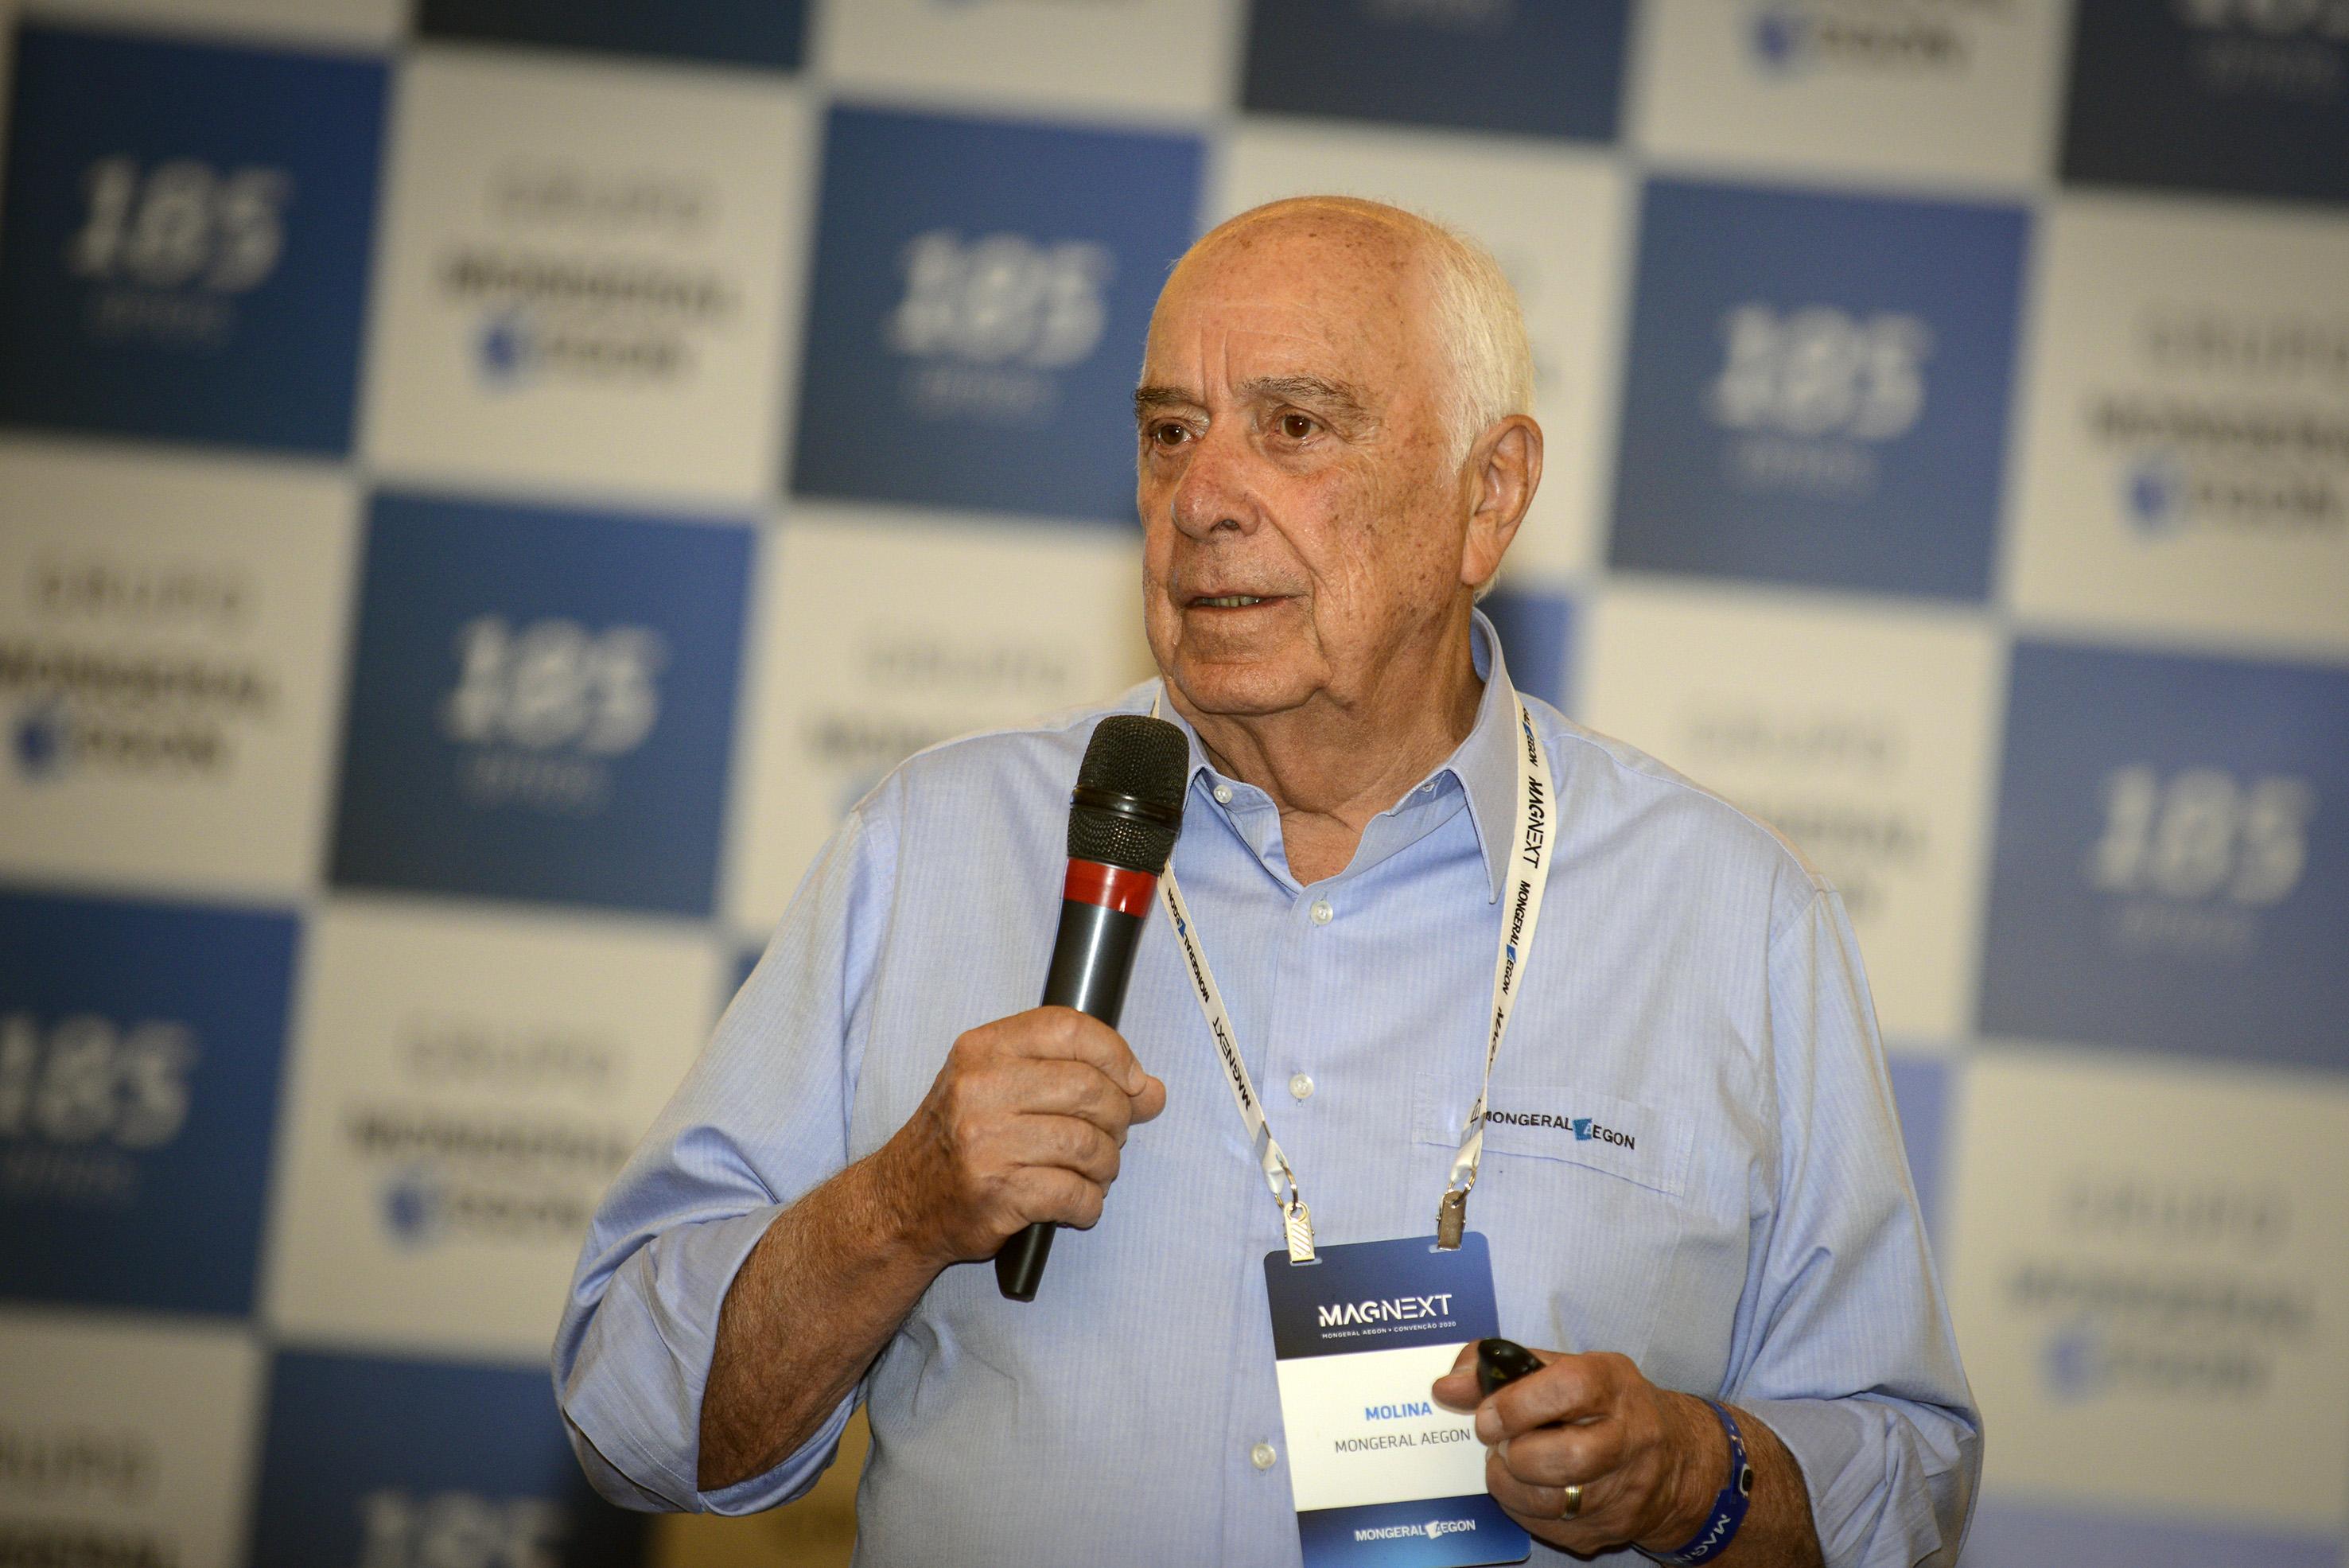 Nilton Molina é Presidente do Conselho de Administração da MAG Seguros e do Instituto de Longevidade Mongeral Aegon / Foto: Chico Ferreira/Divulgação